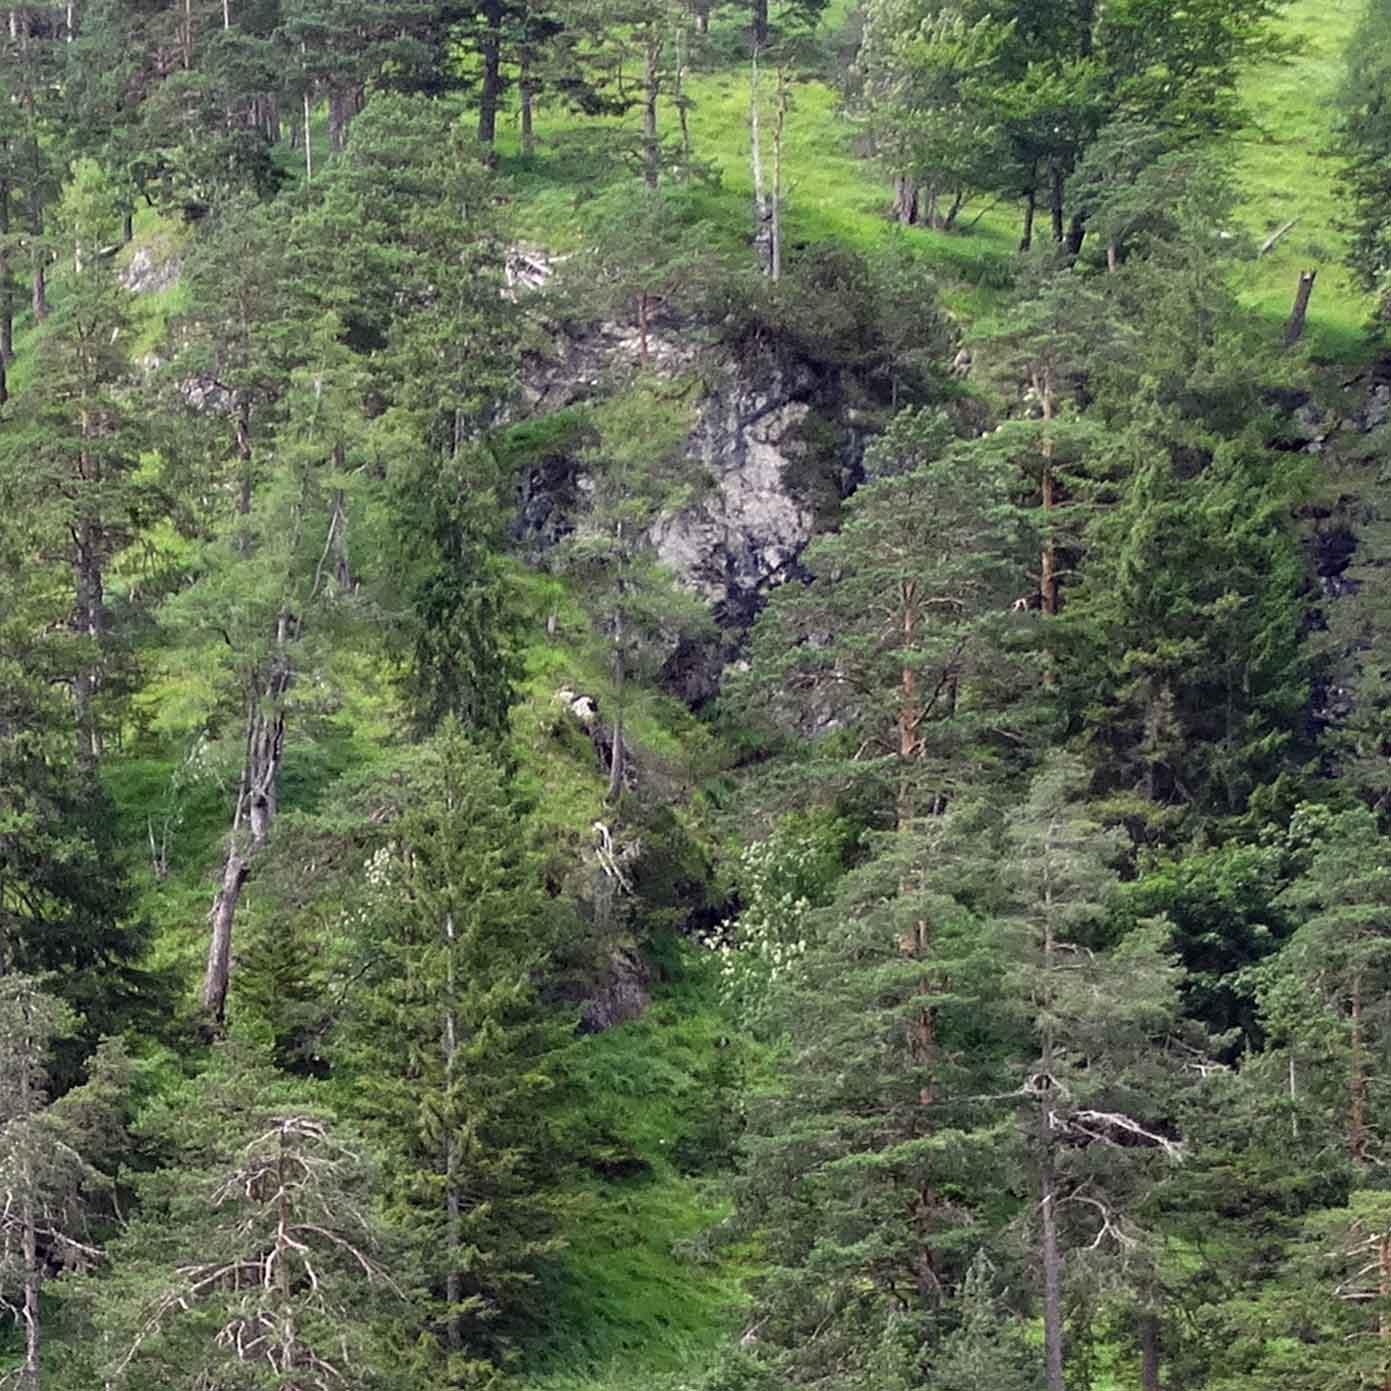 Bewaldeter Steilhang Teil 2 – Modellbahn Hintergrund 300 x 50 cm 3